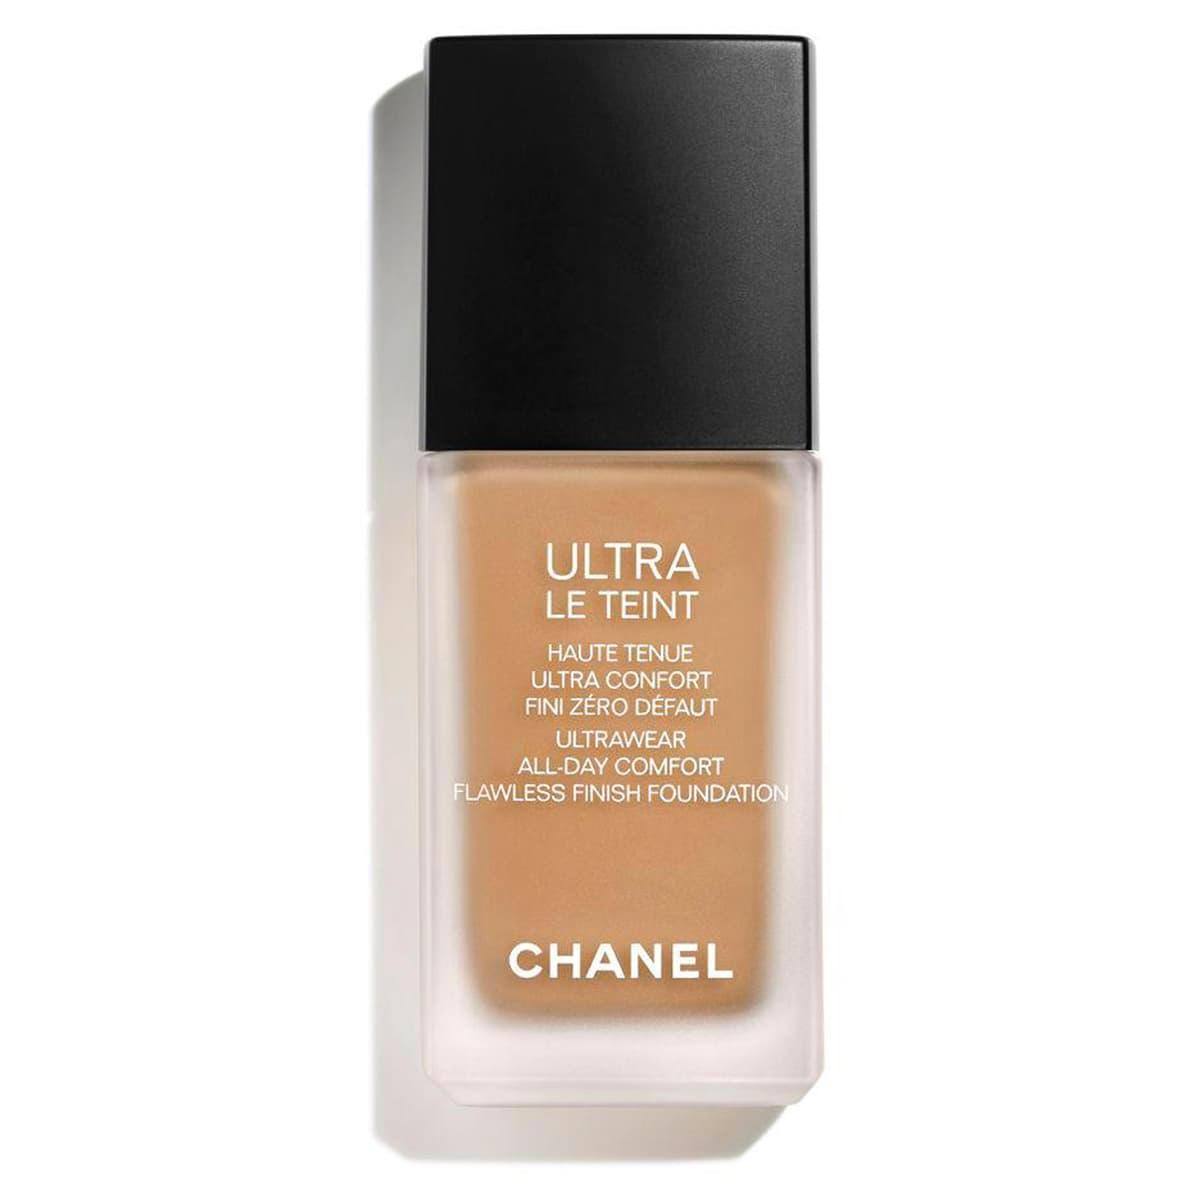 Chanel Ultra Le Teint Ultrawear Foundation BR92